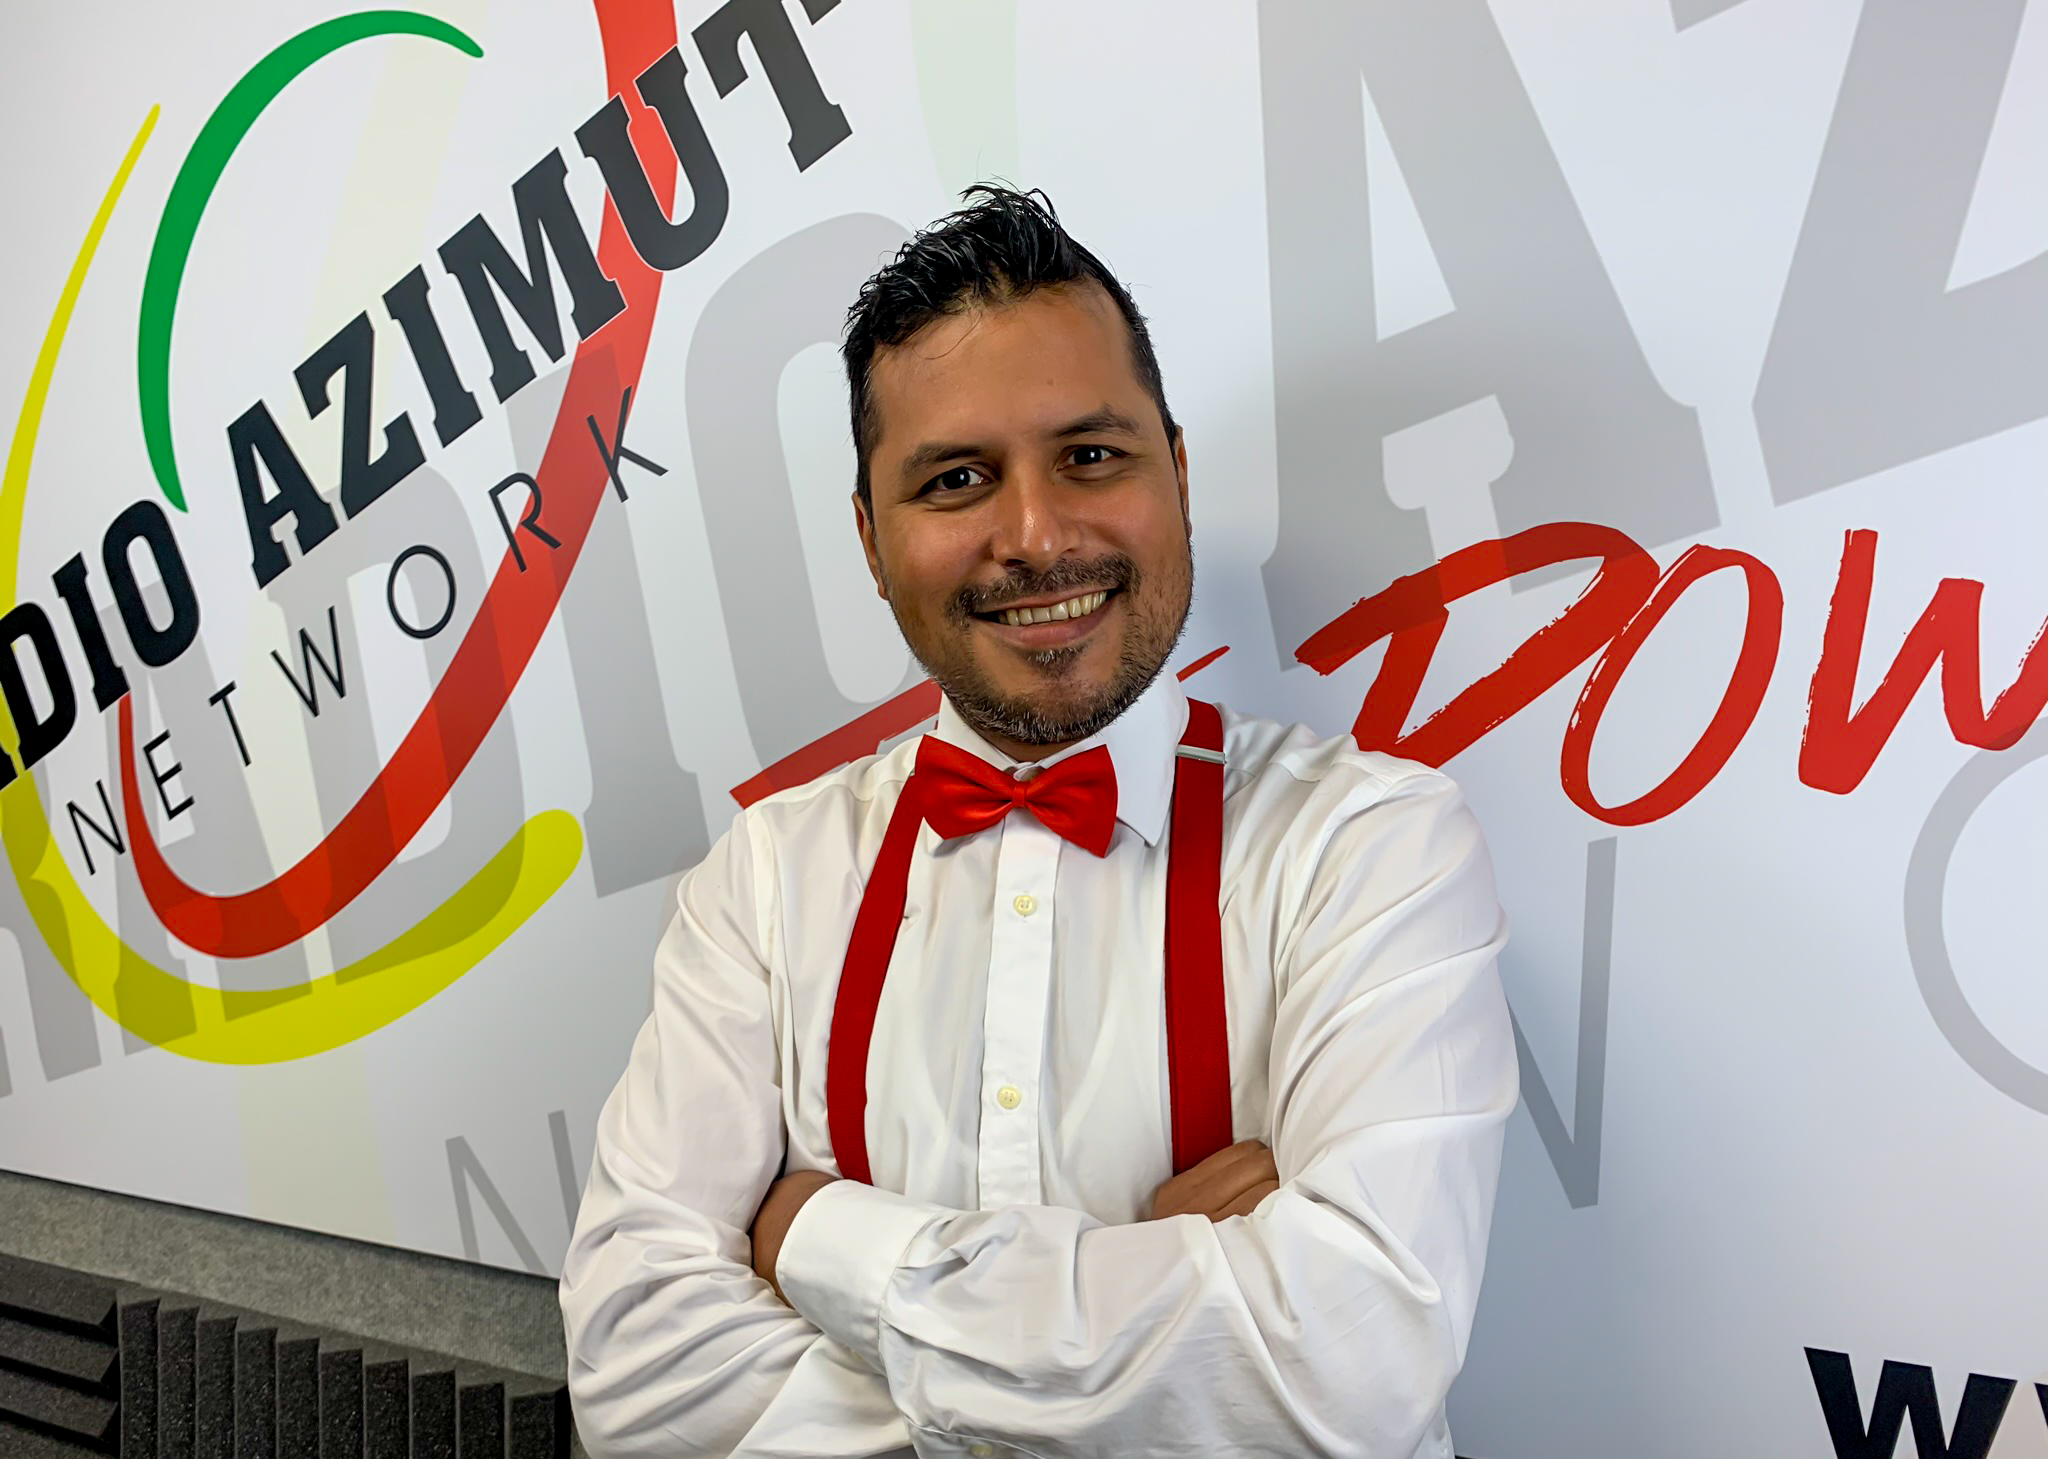 Alberto  Vazquez Quintero